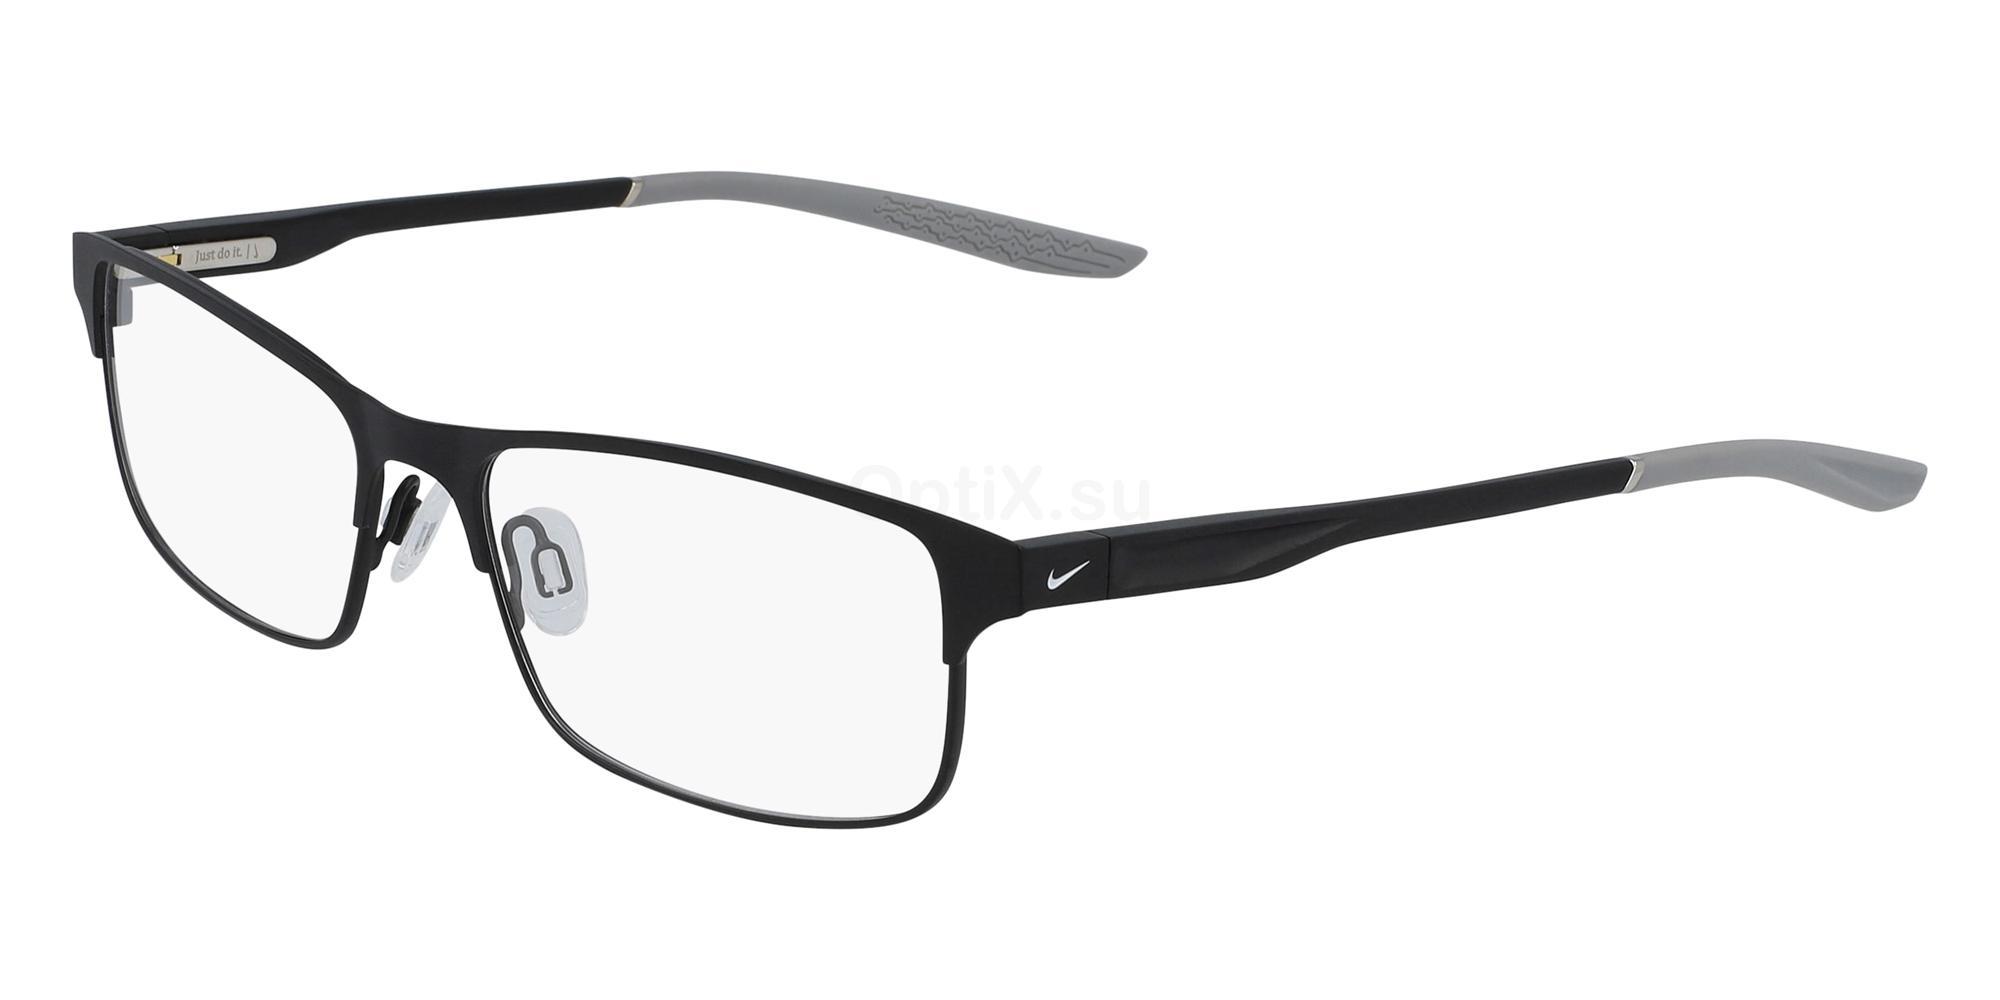 003 NIKE 8046 Glasses, Nike